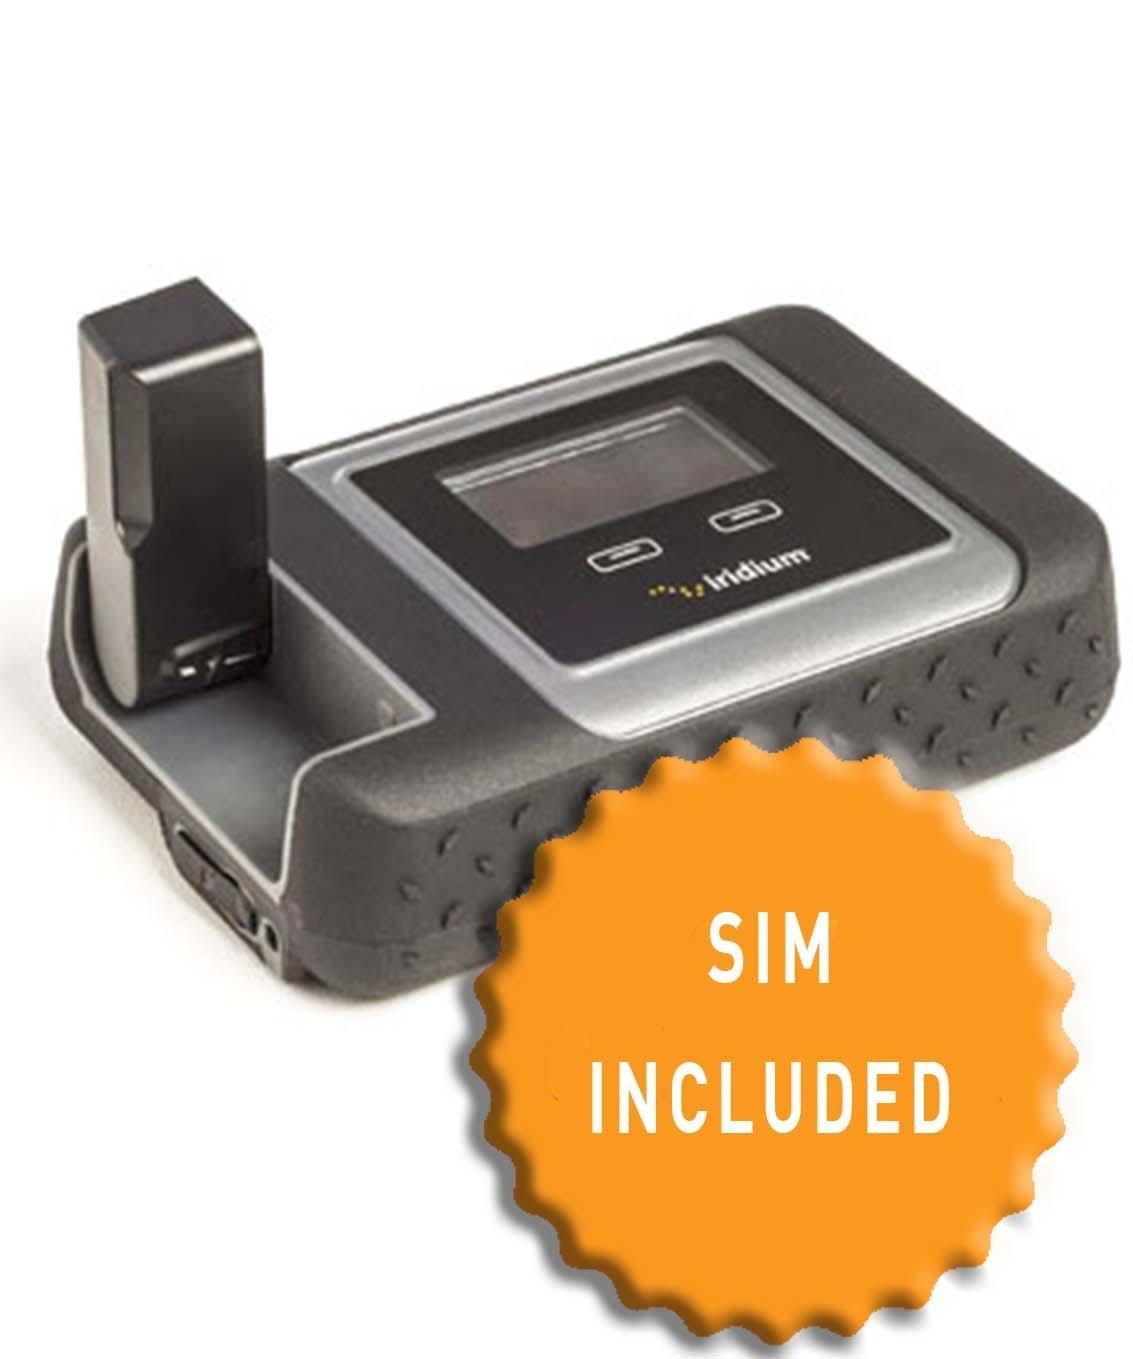 Iridium GO! and SIM